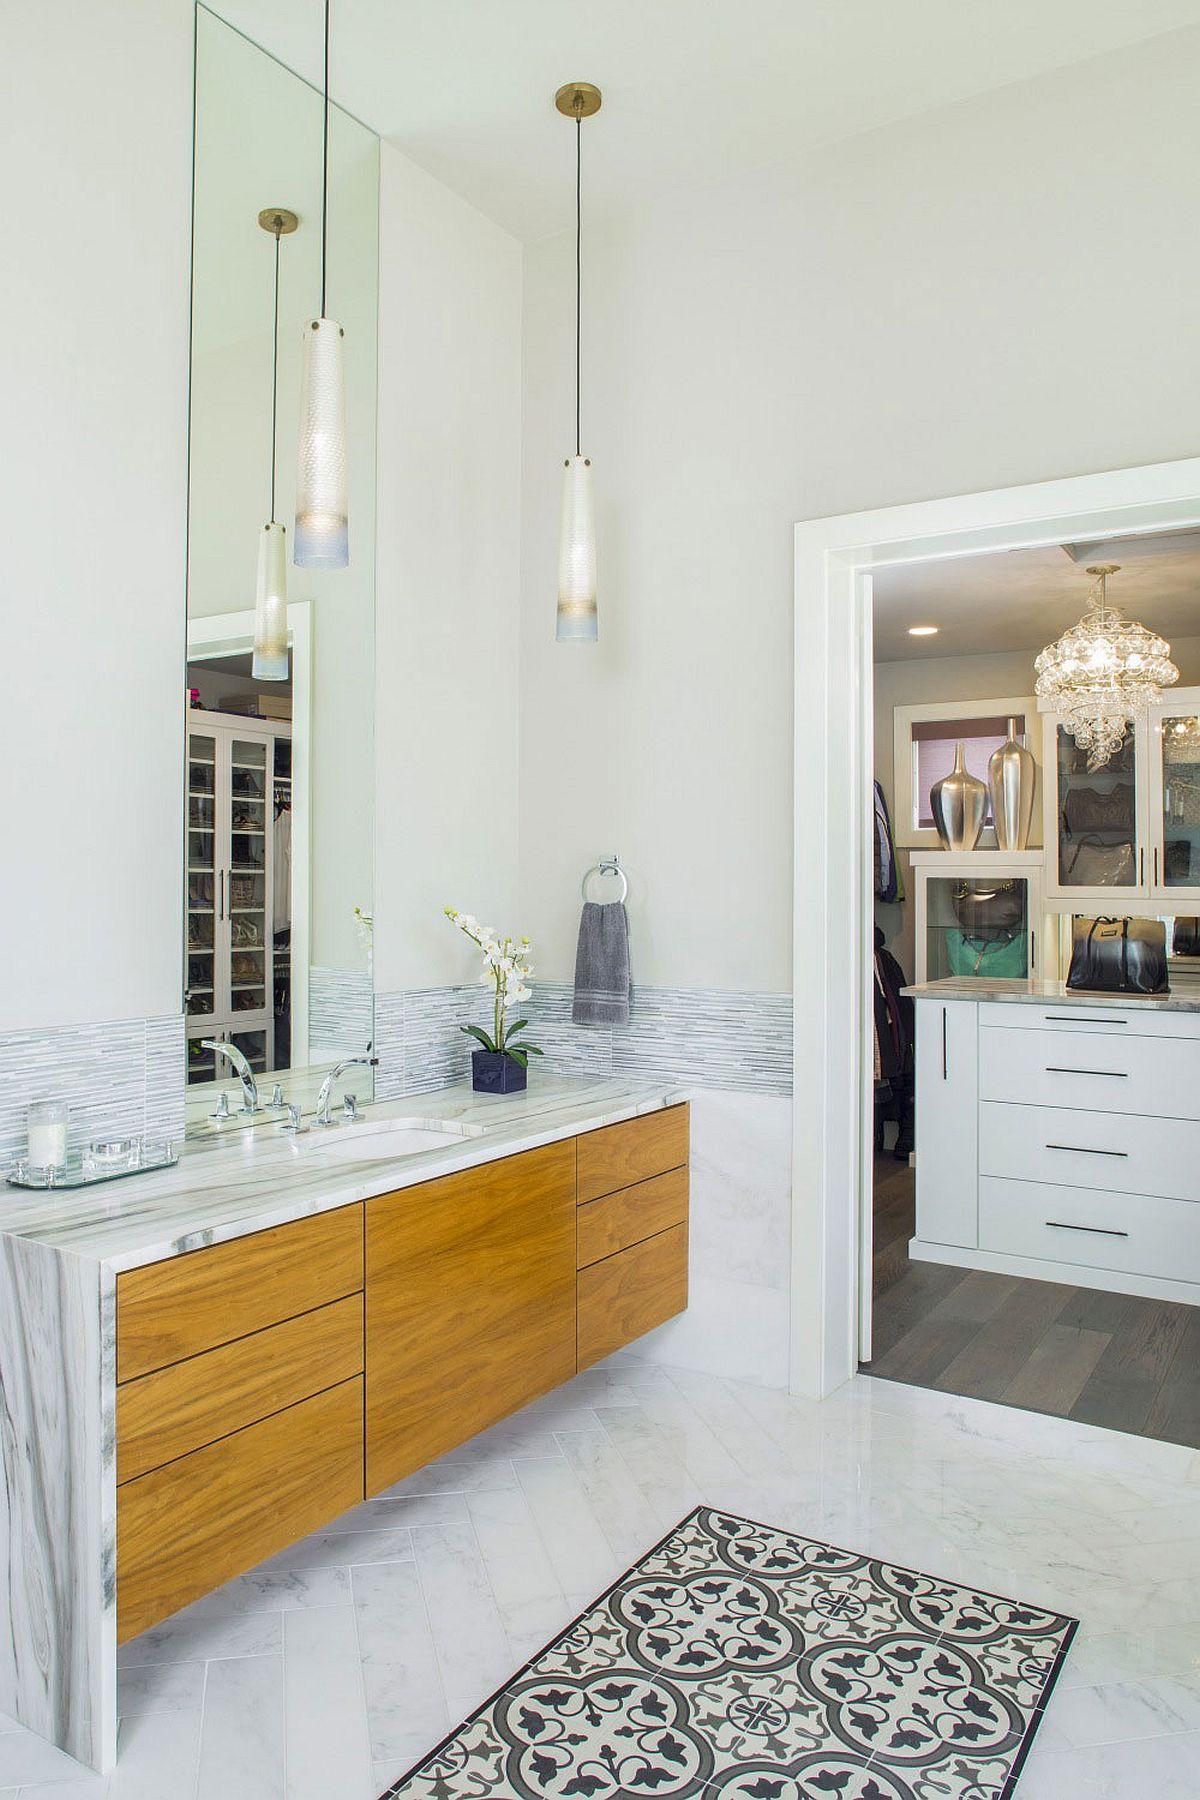 Floating bathroom vanity with marble top